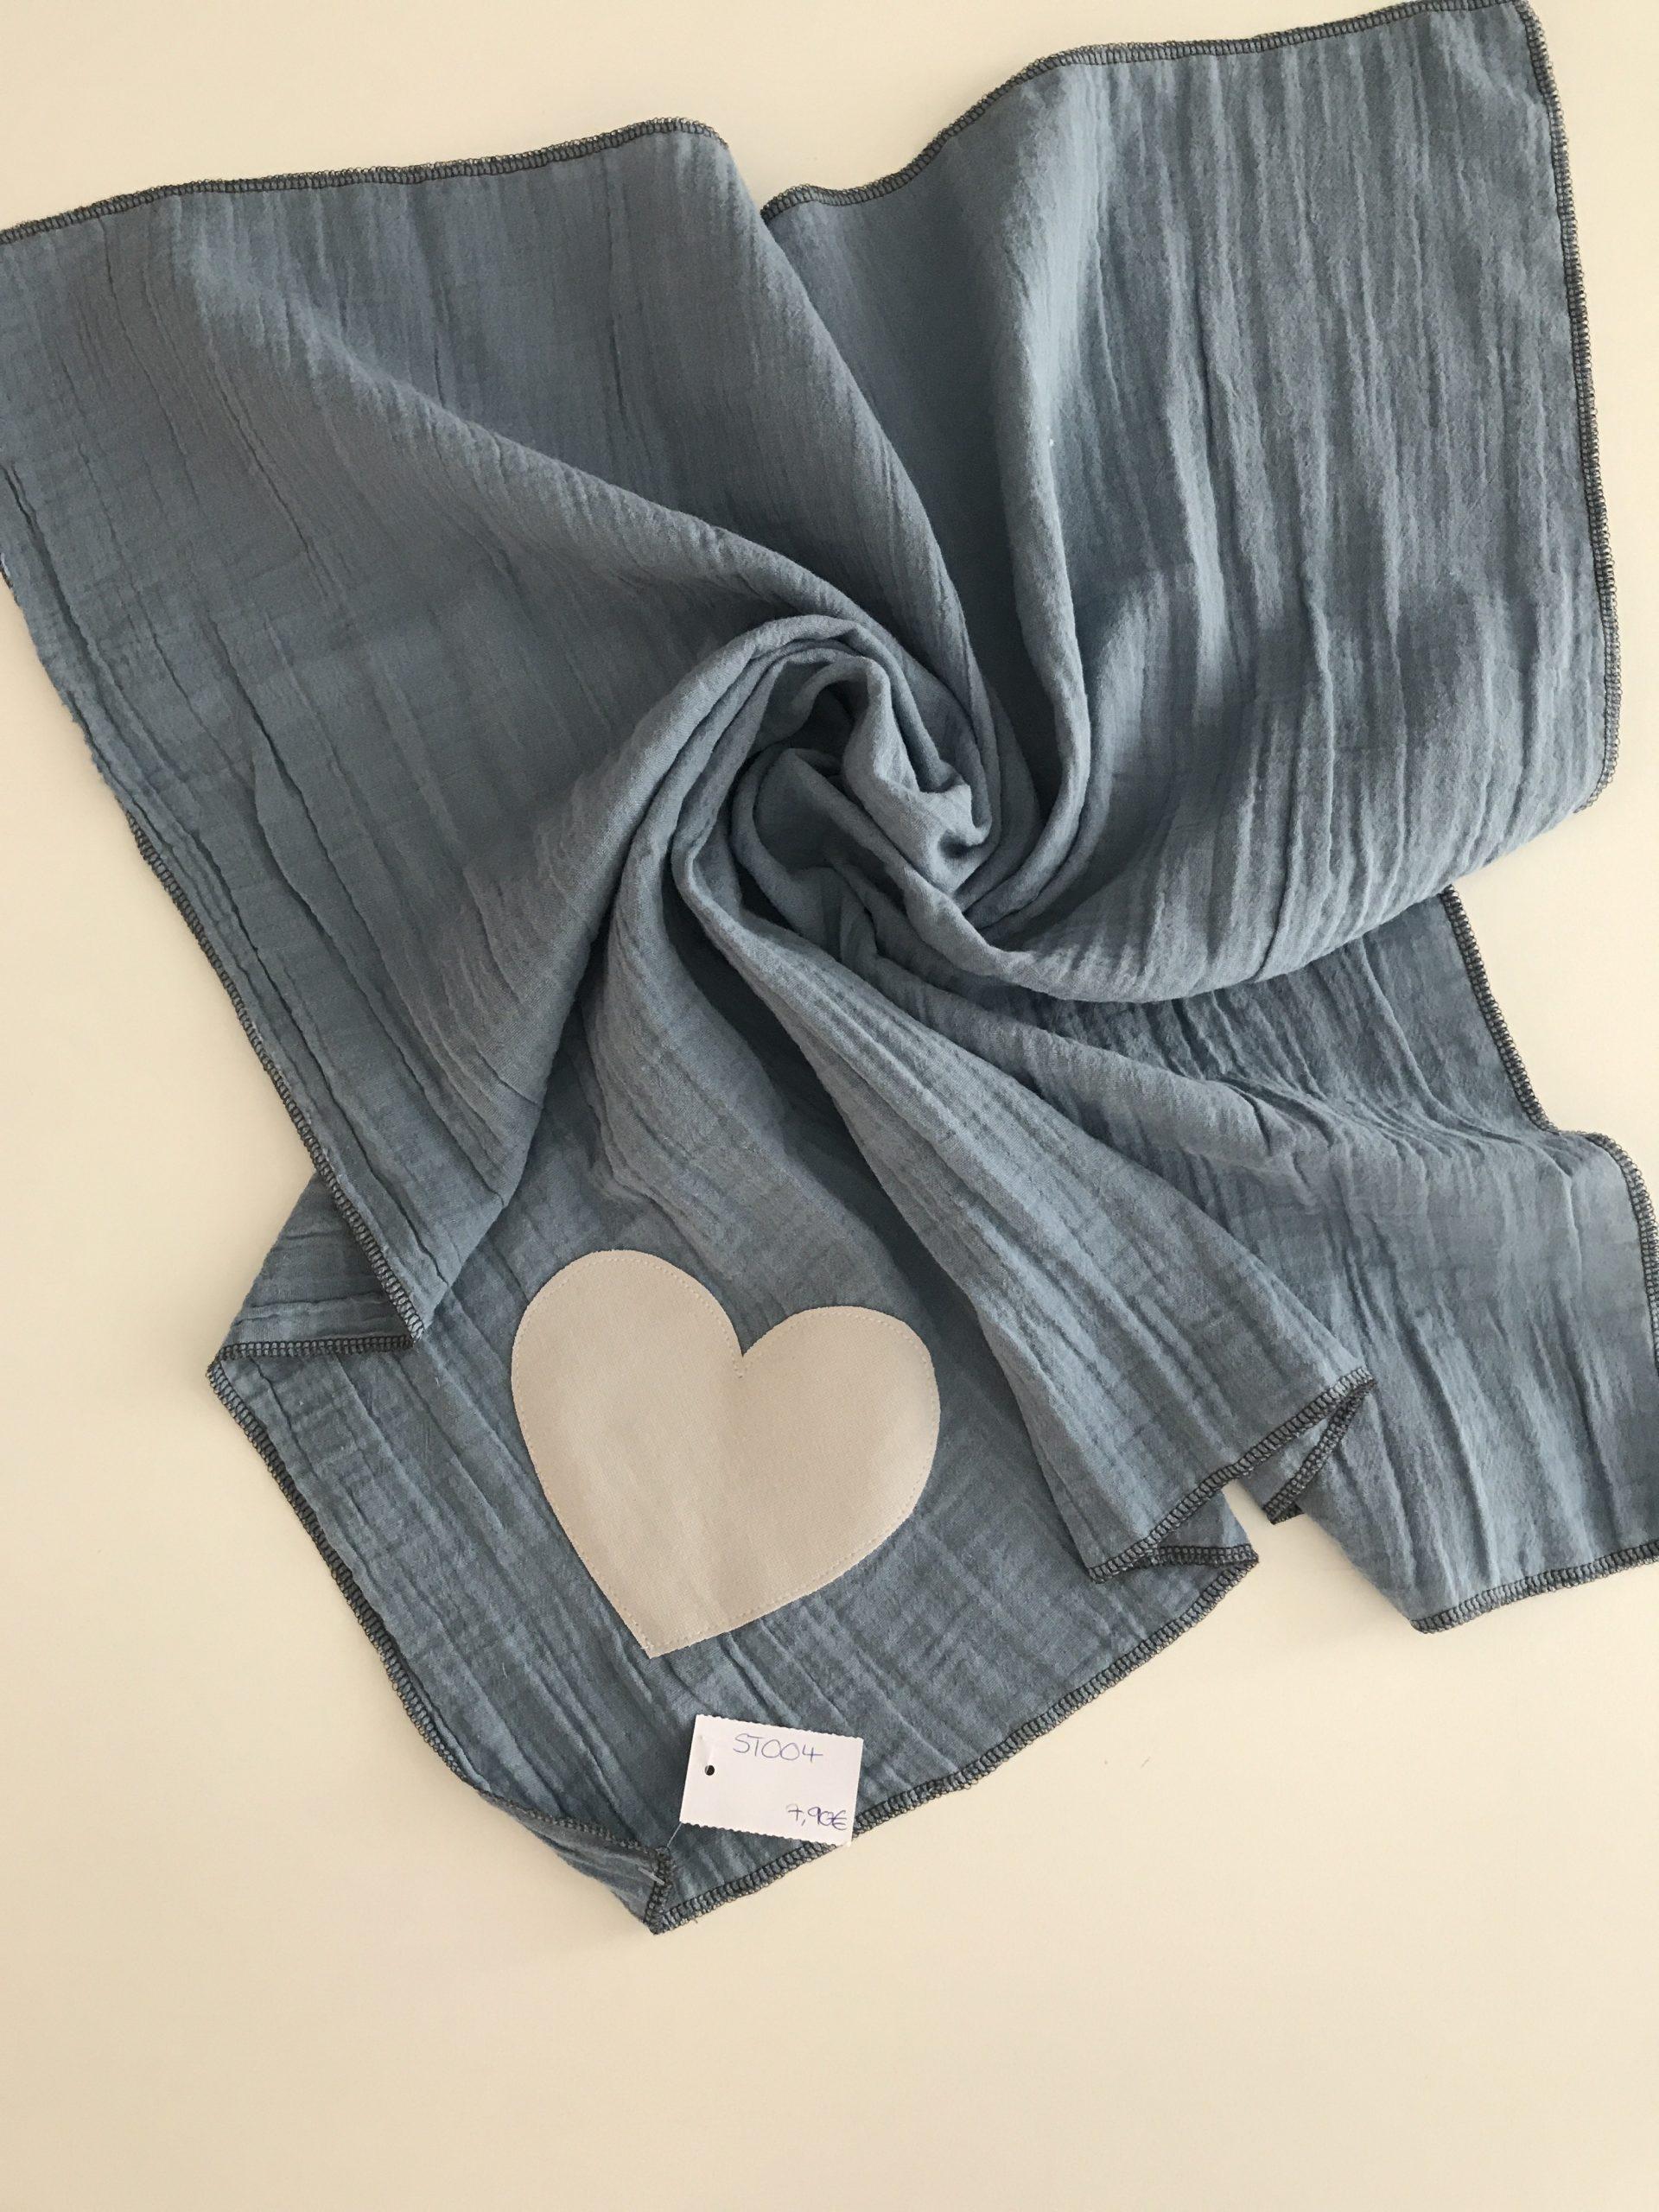 Spucktuch aus Moltonstoff ca. 65x65cm, Grau mit cremefarbenen Herz